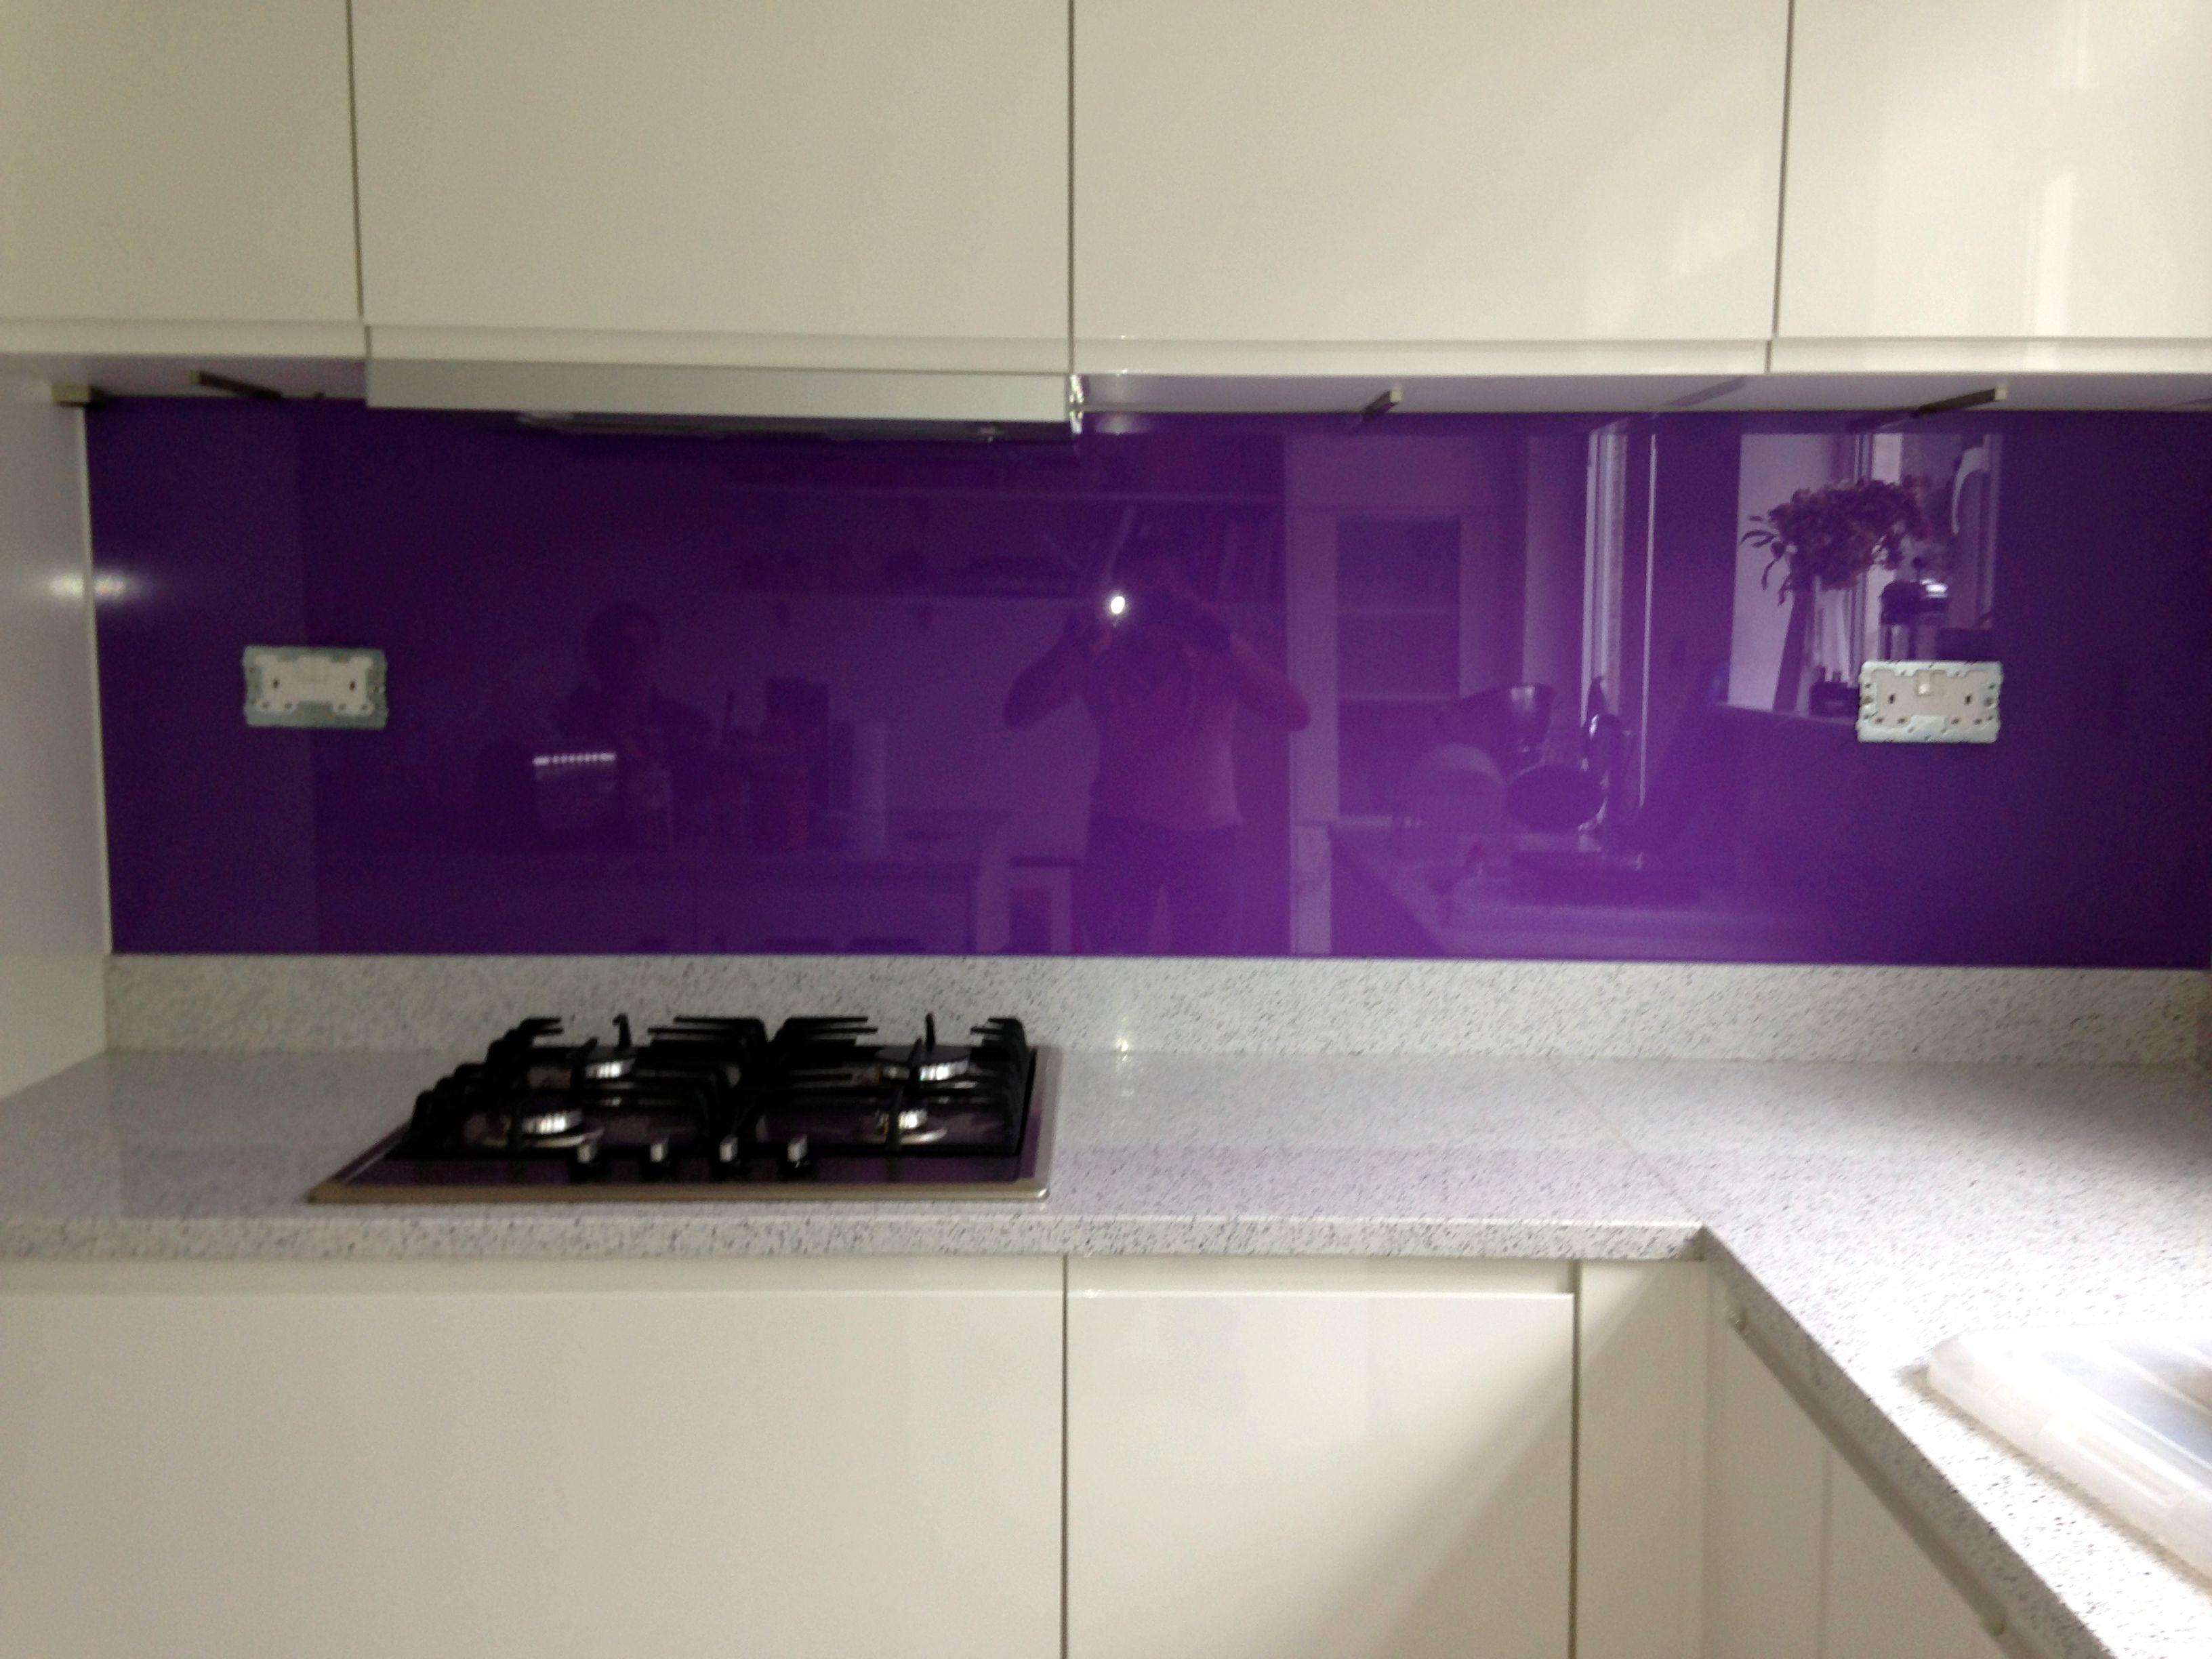 Image Result For Patterned Purple Glass Splashback Kitchen - Homey